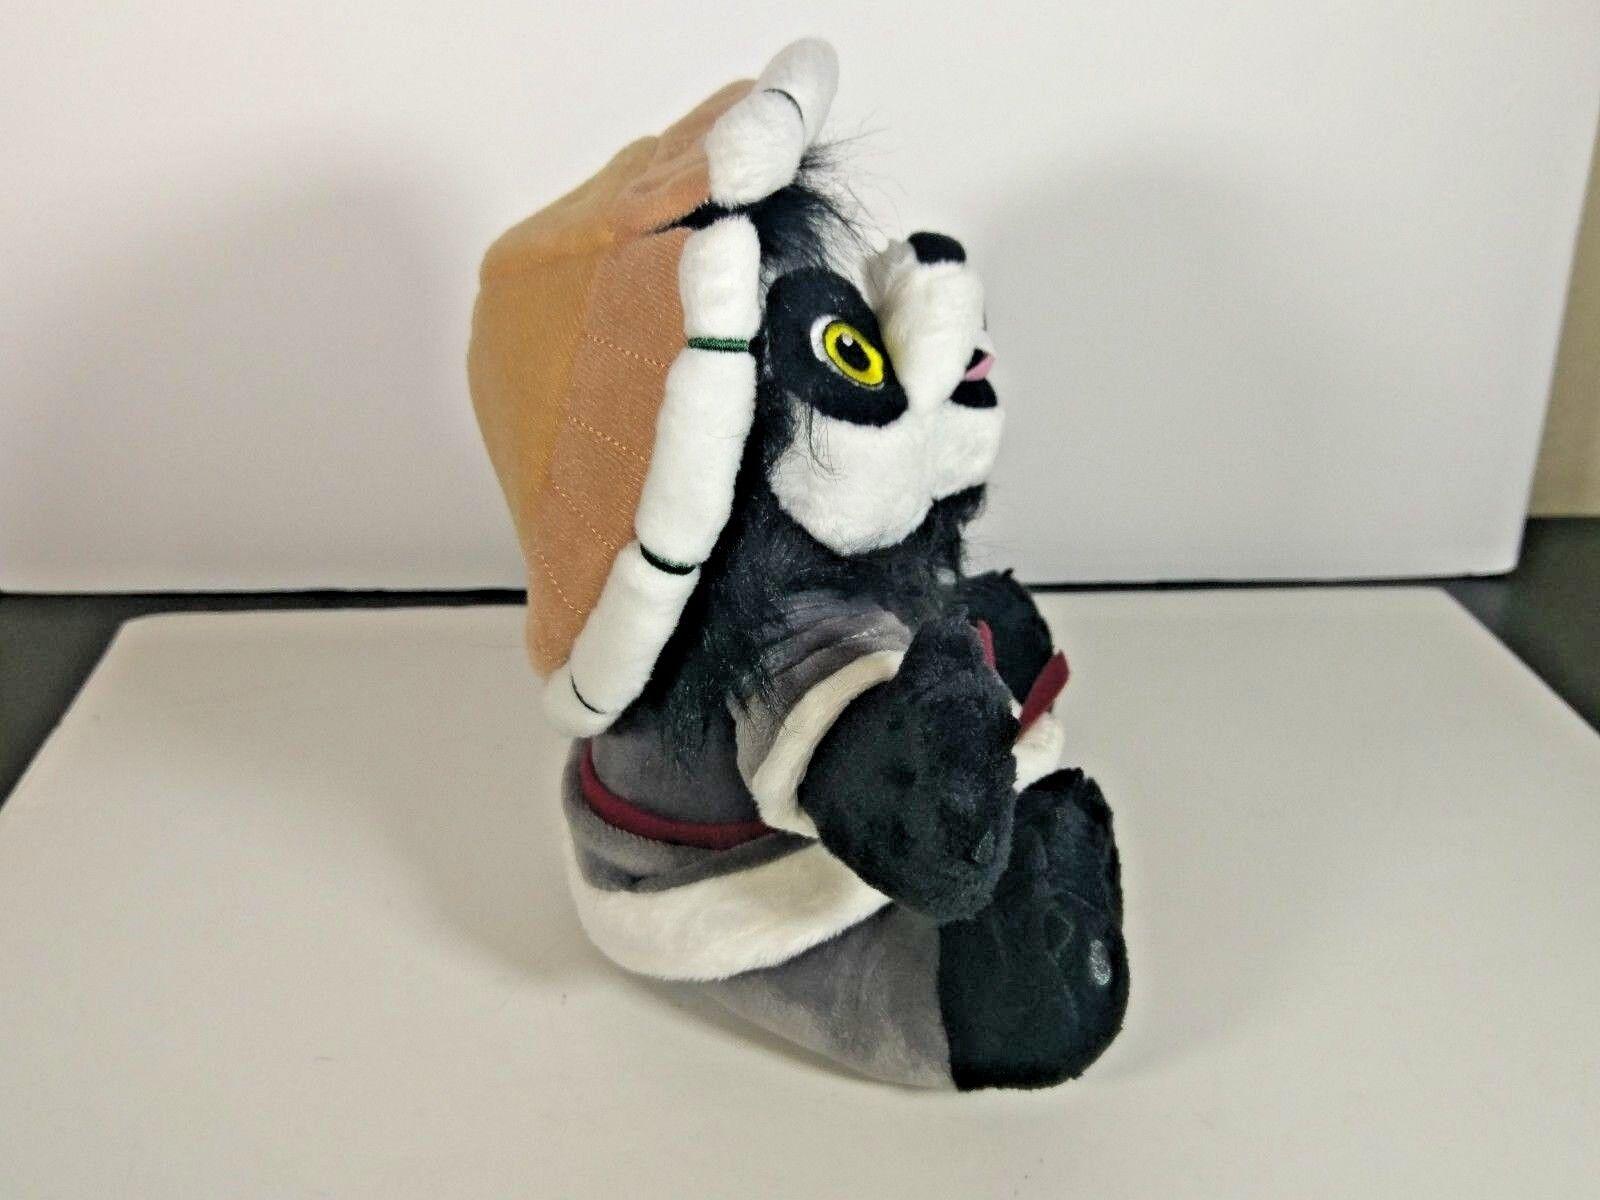 Blizzard Lil/' Chen Plush Pandaren Cub World of Warcraft Panda Stuffed Animal NEW